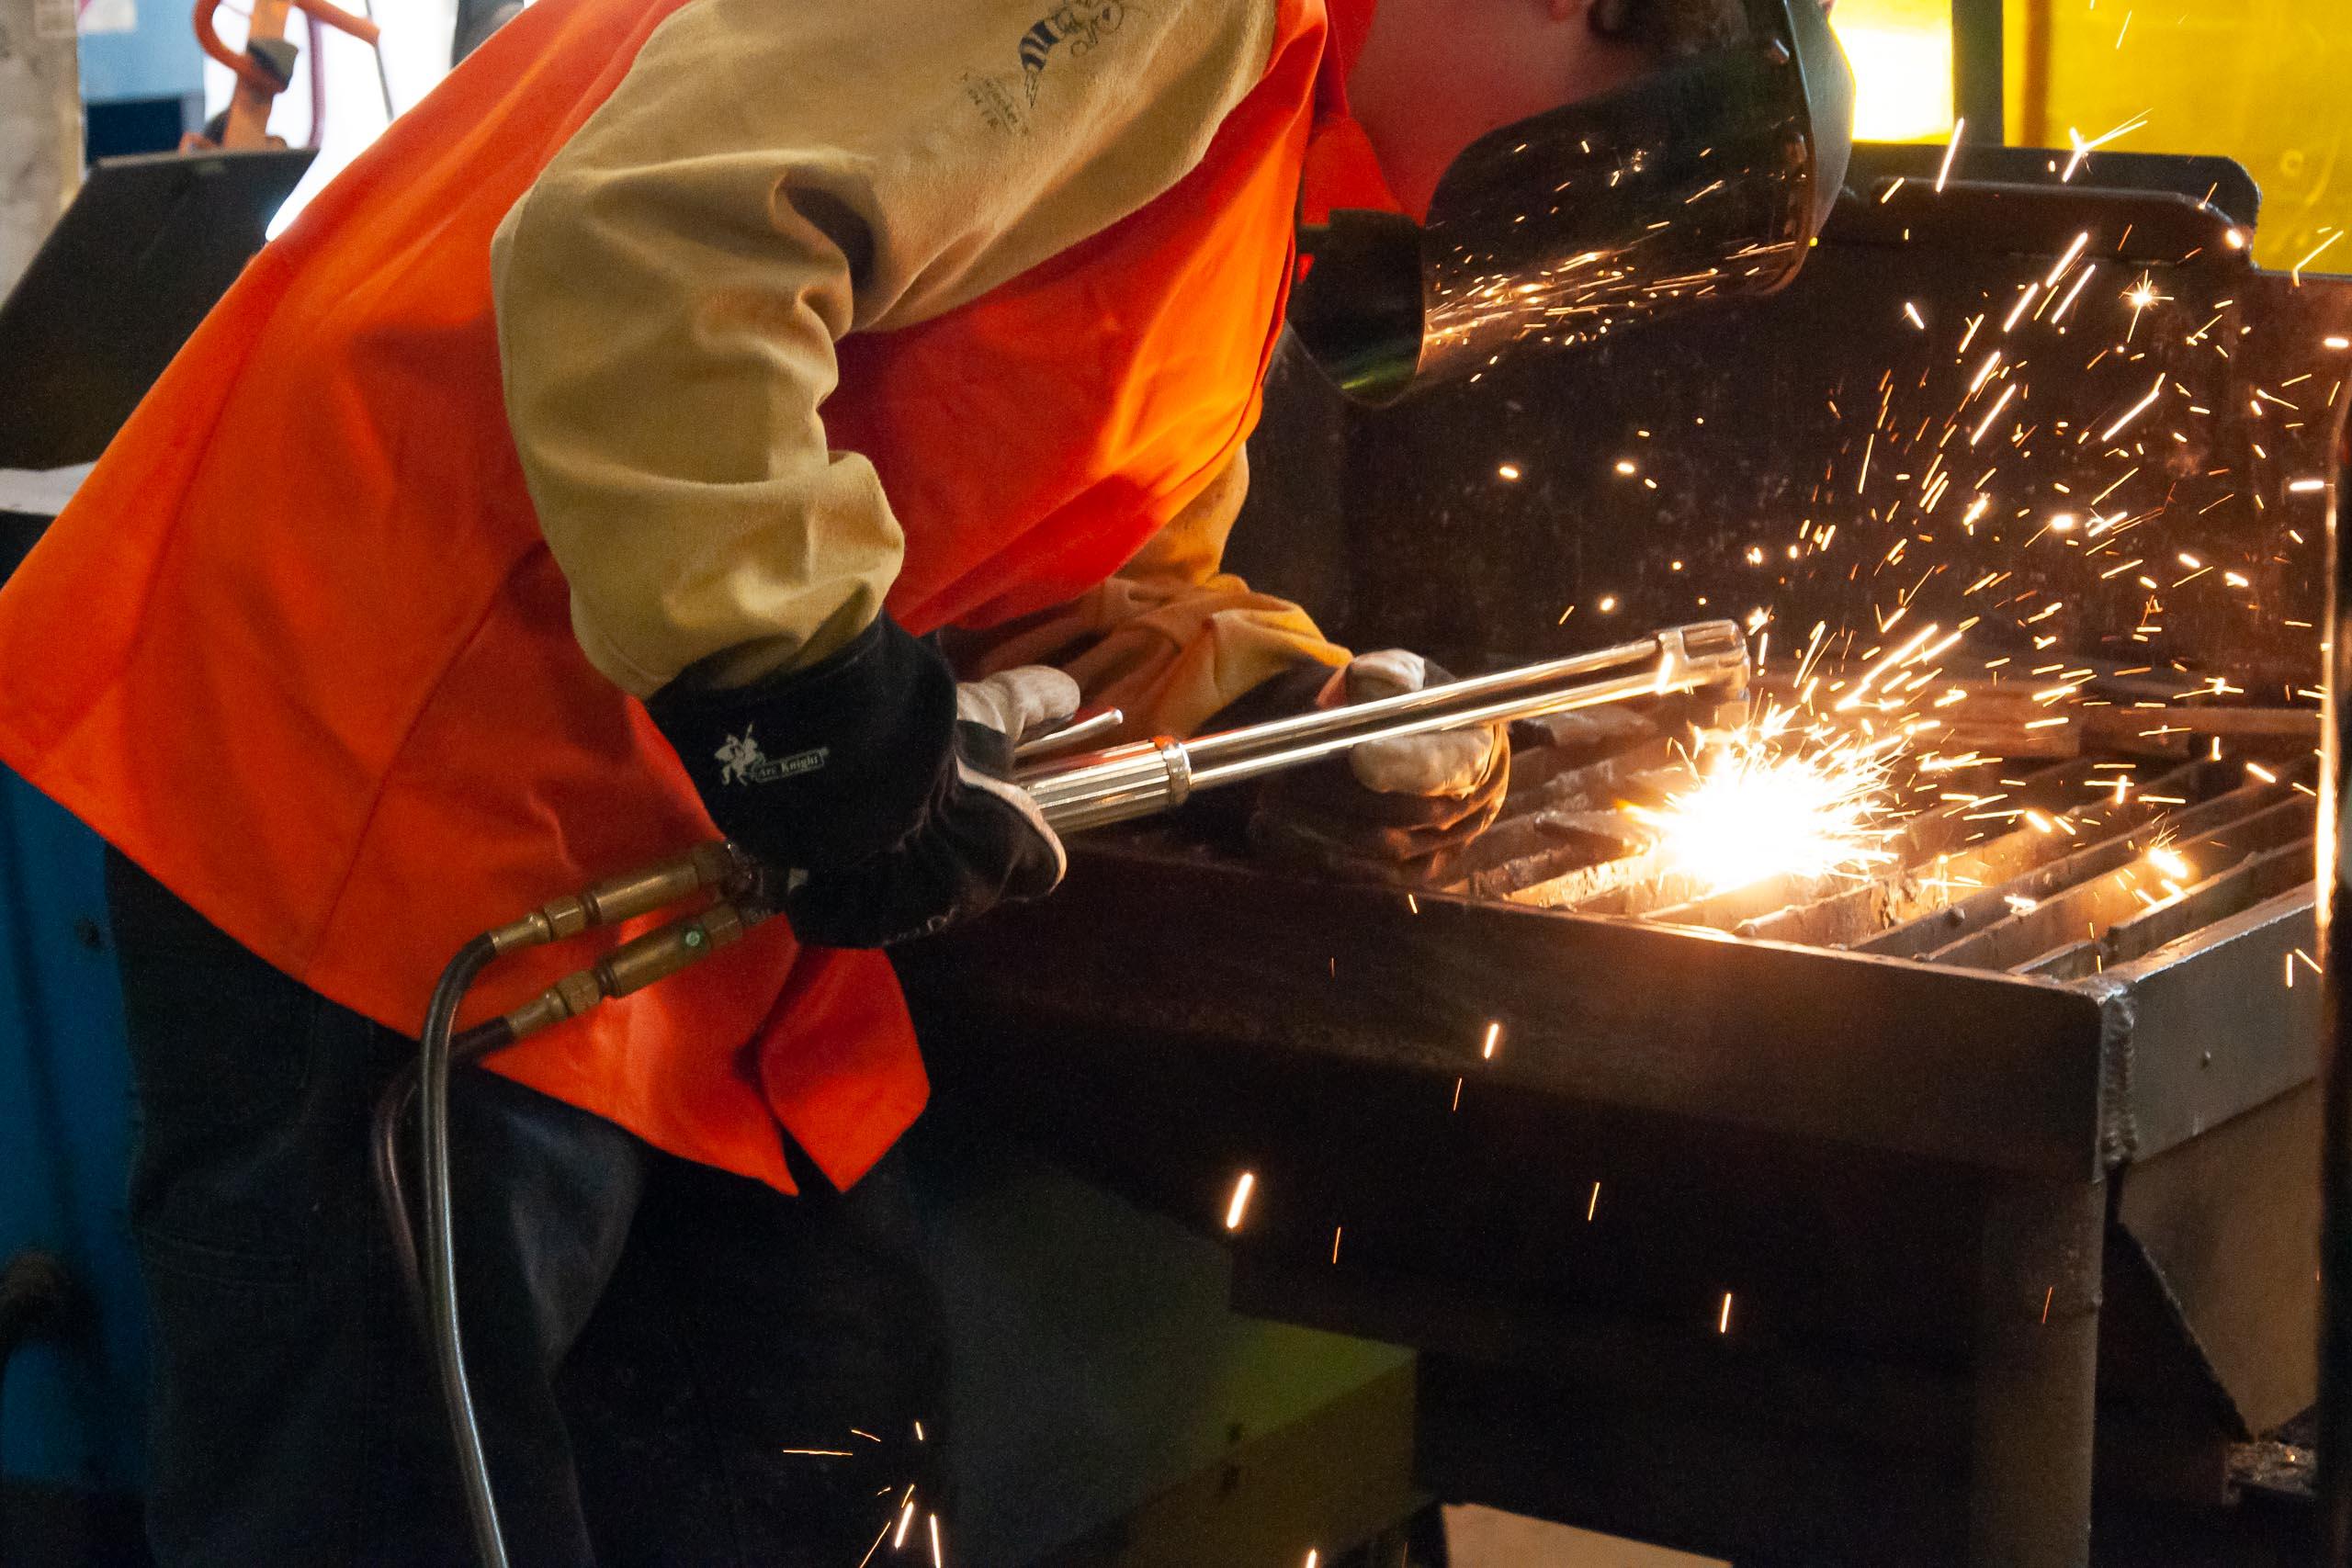 Student welding in welding class.